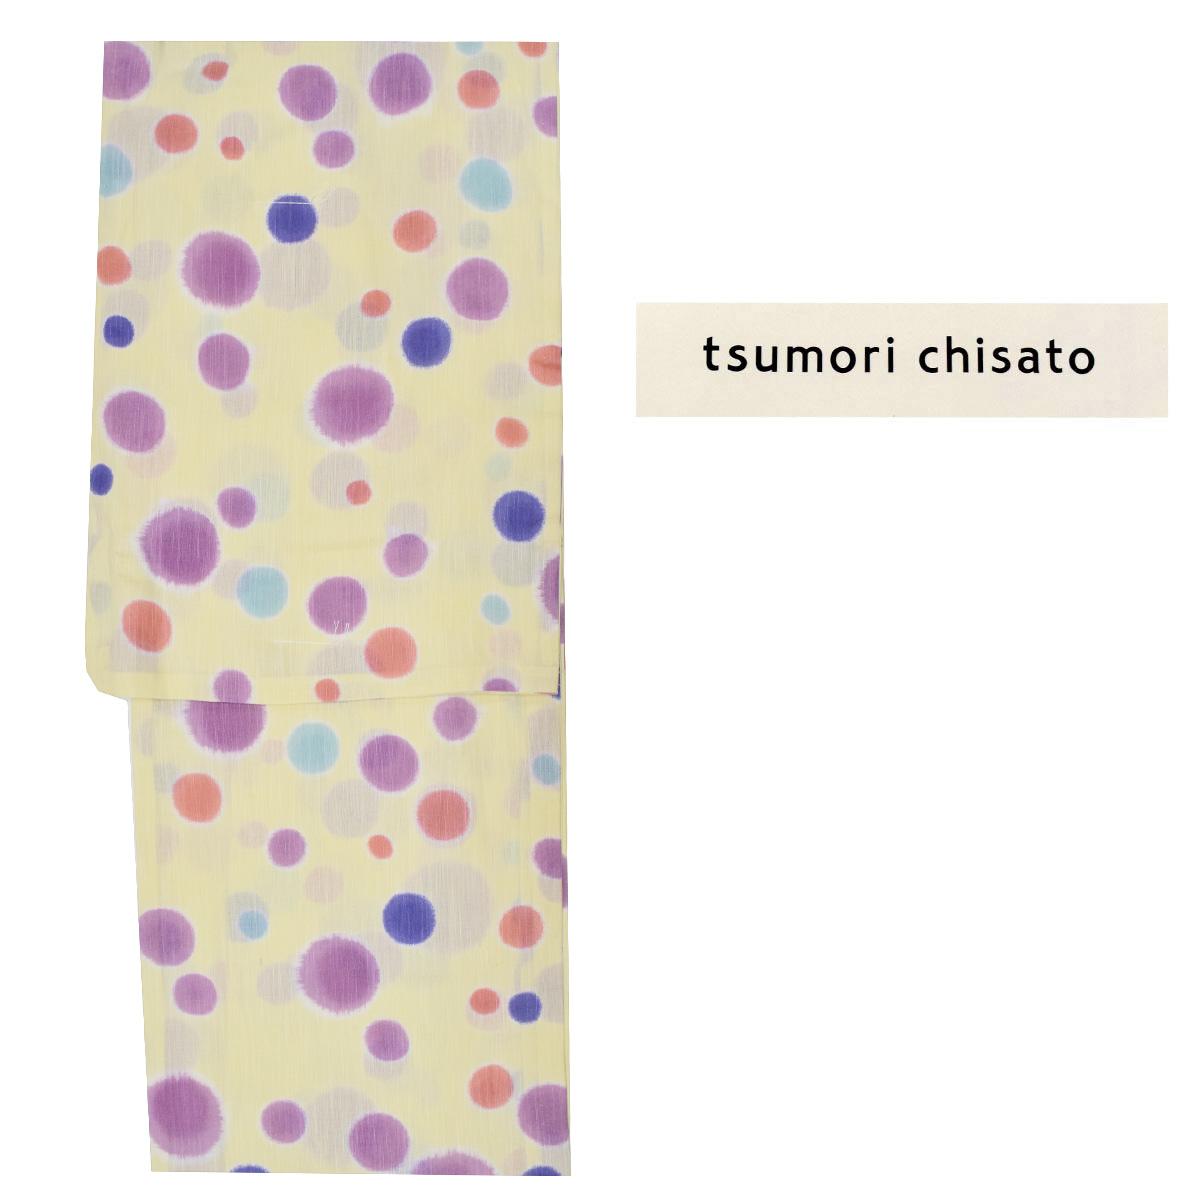 和装 浴衣 ゆかた 夏 女性 レディース tsumori chisato ブランド レディース 浴衣 単品 ツモリチサト 青 ピンク 紫 水玉番号c2-16